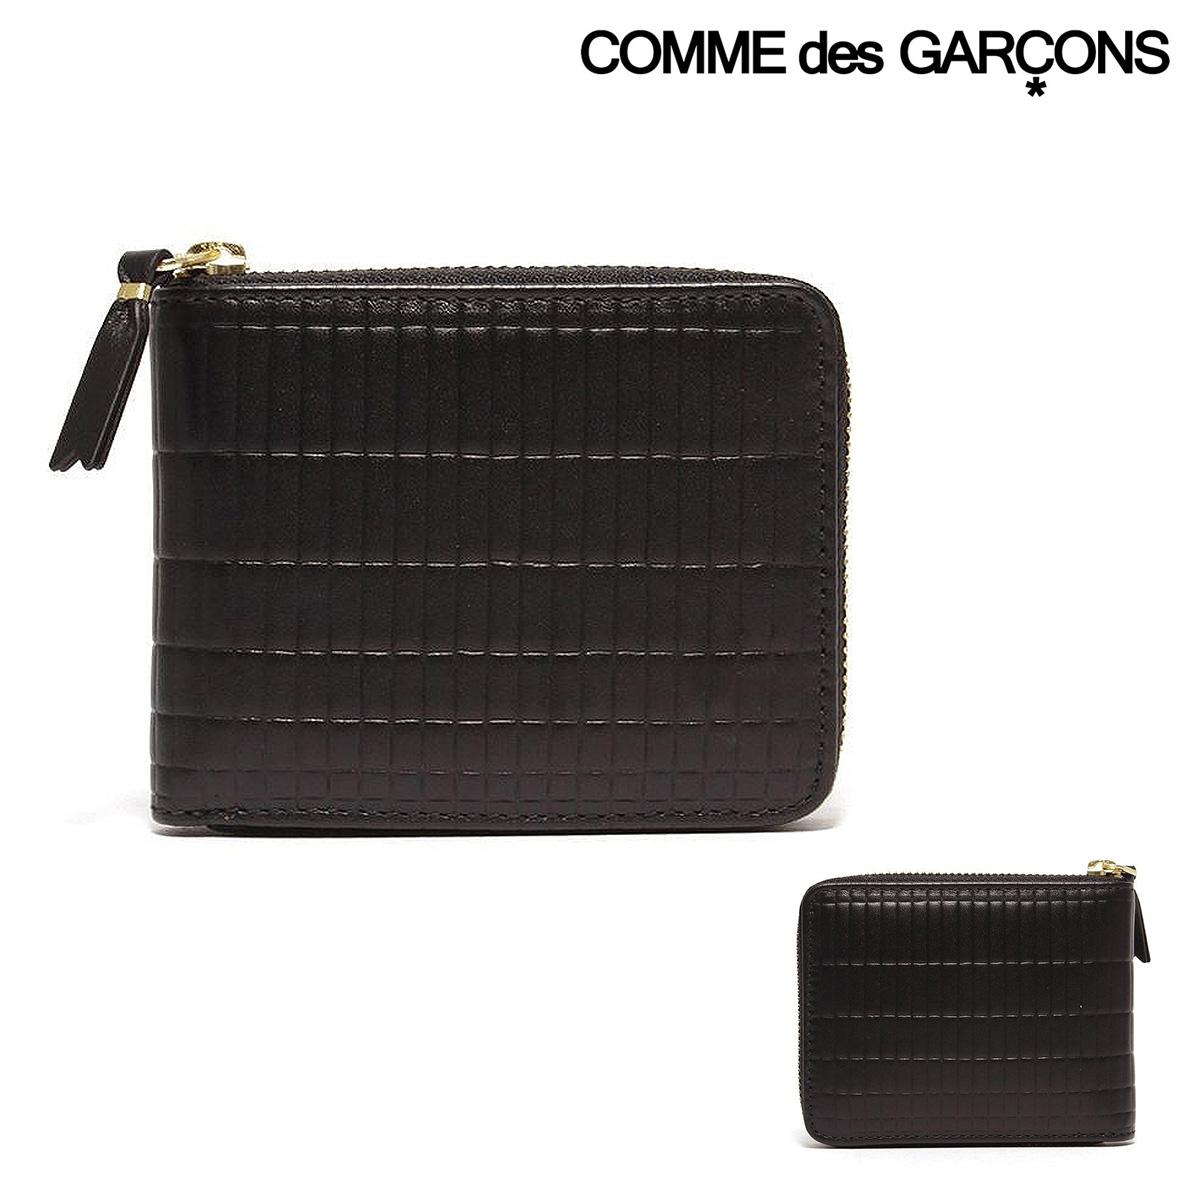 コムデギャルソン 二つ折り財布 メンズ レディース SA7100BK COMME des GARCONS | ブリックウォレット ラウンドファスナー レザー ブランド専用BOX付き